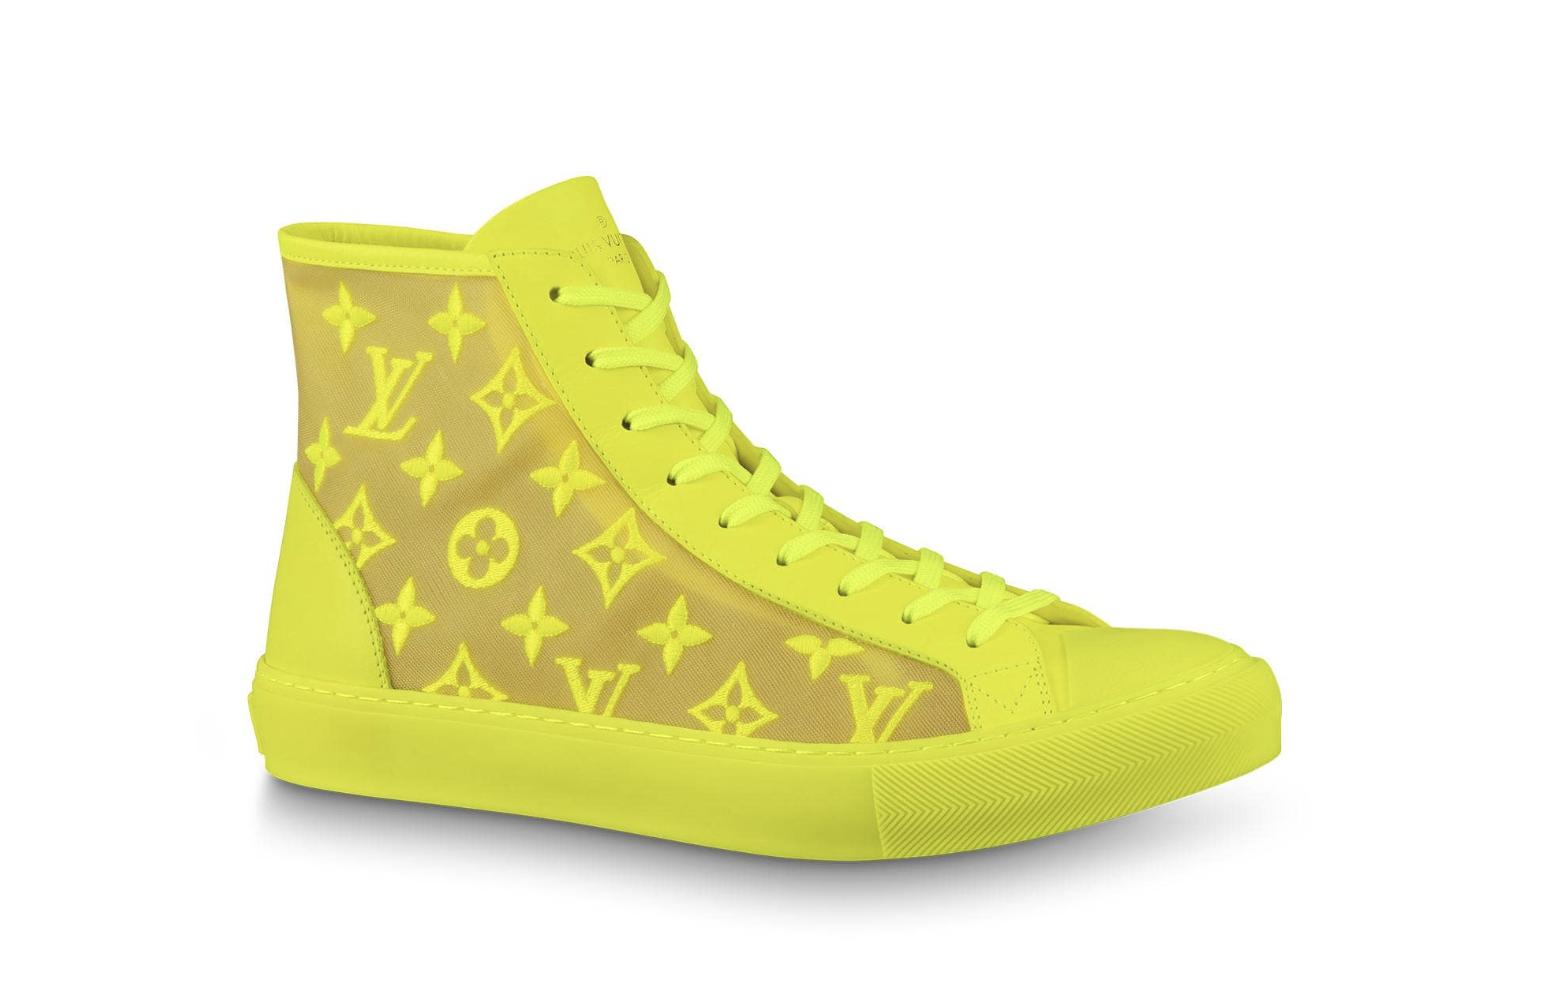 Louis Vuitton Tattoo Sneaker Jaune - 1A5S1G